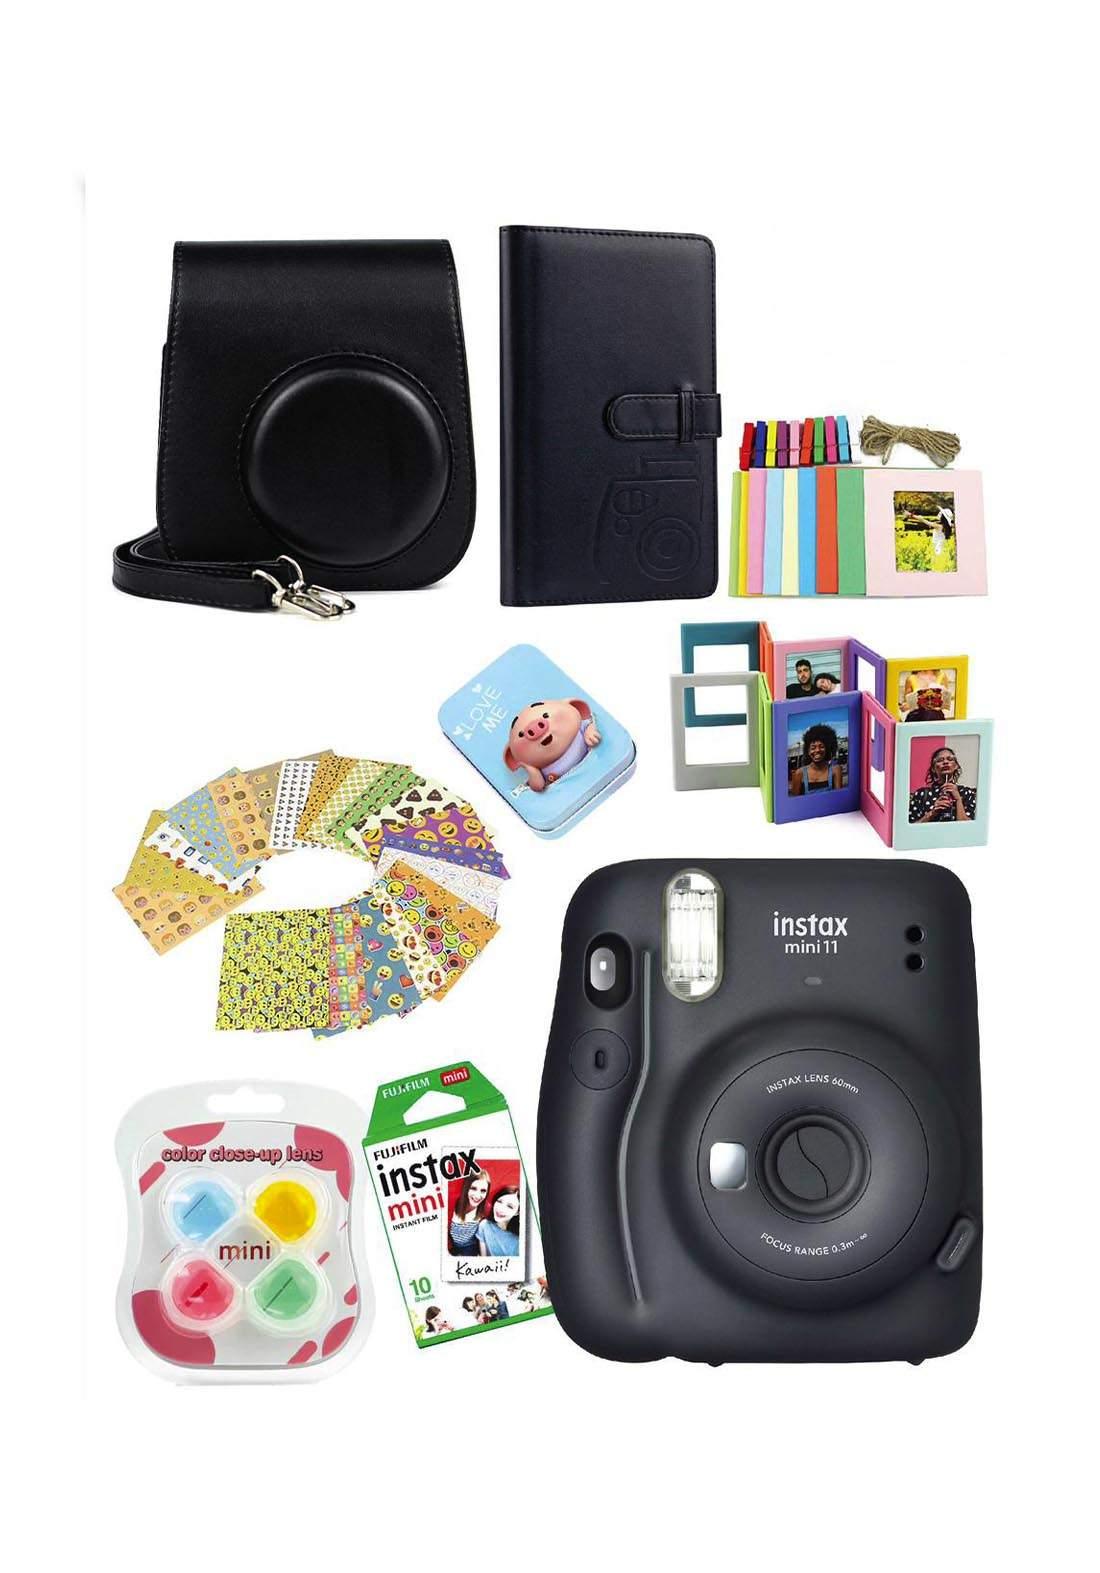 Fujifilm Instax MemoriesPack Mini11 Camera Package - Black كاميرا فورية